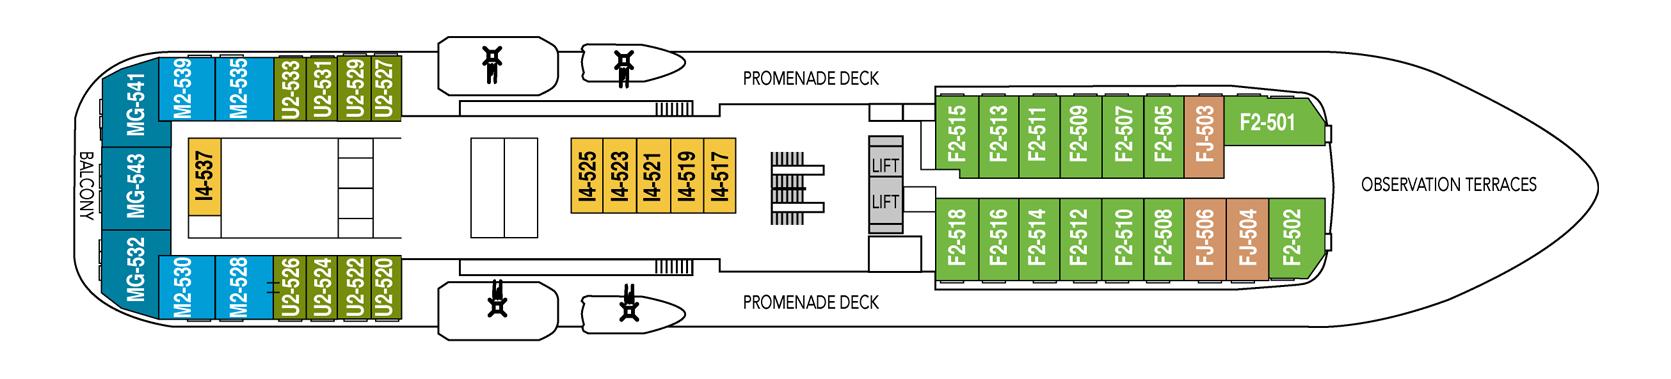 Hurtigruten MS Fram Deck Plans Deck 5.png